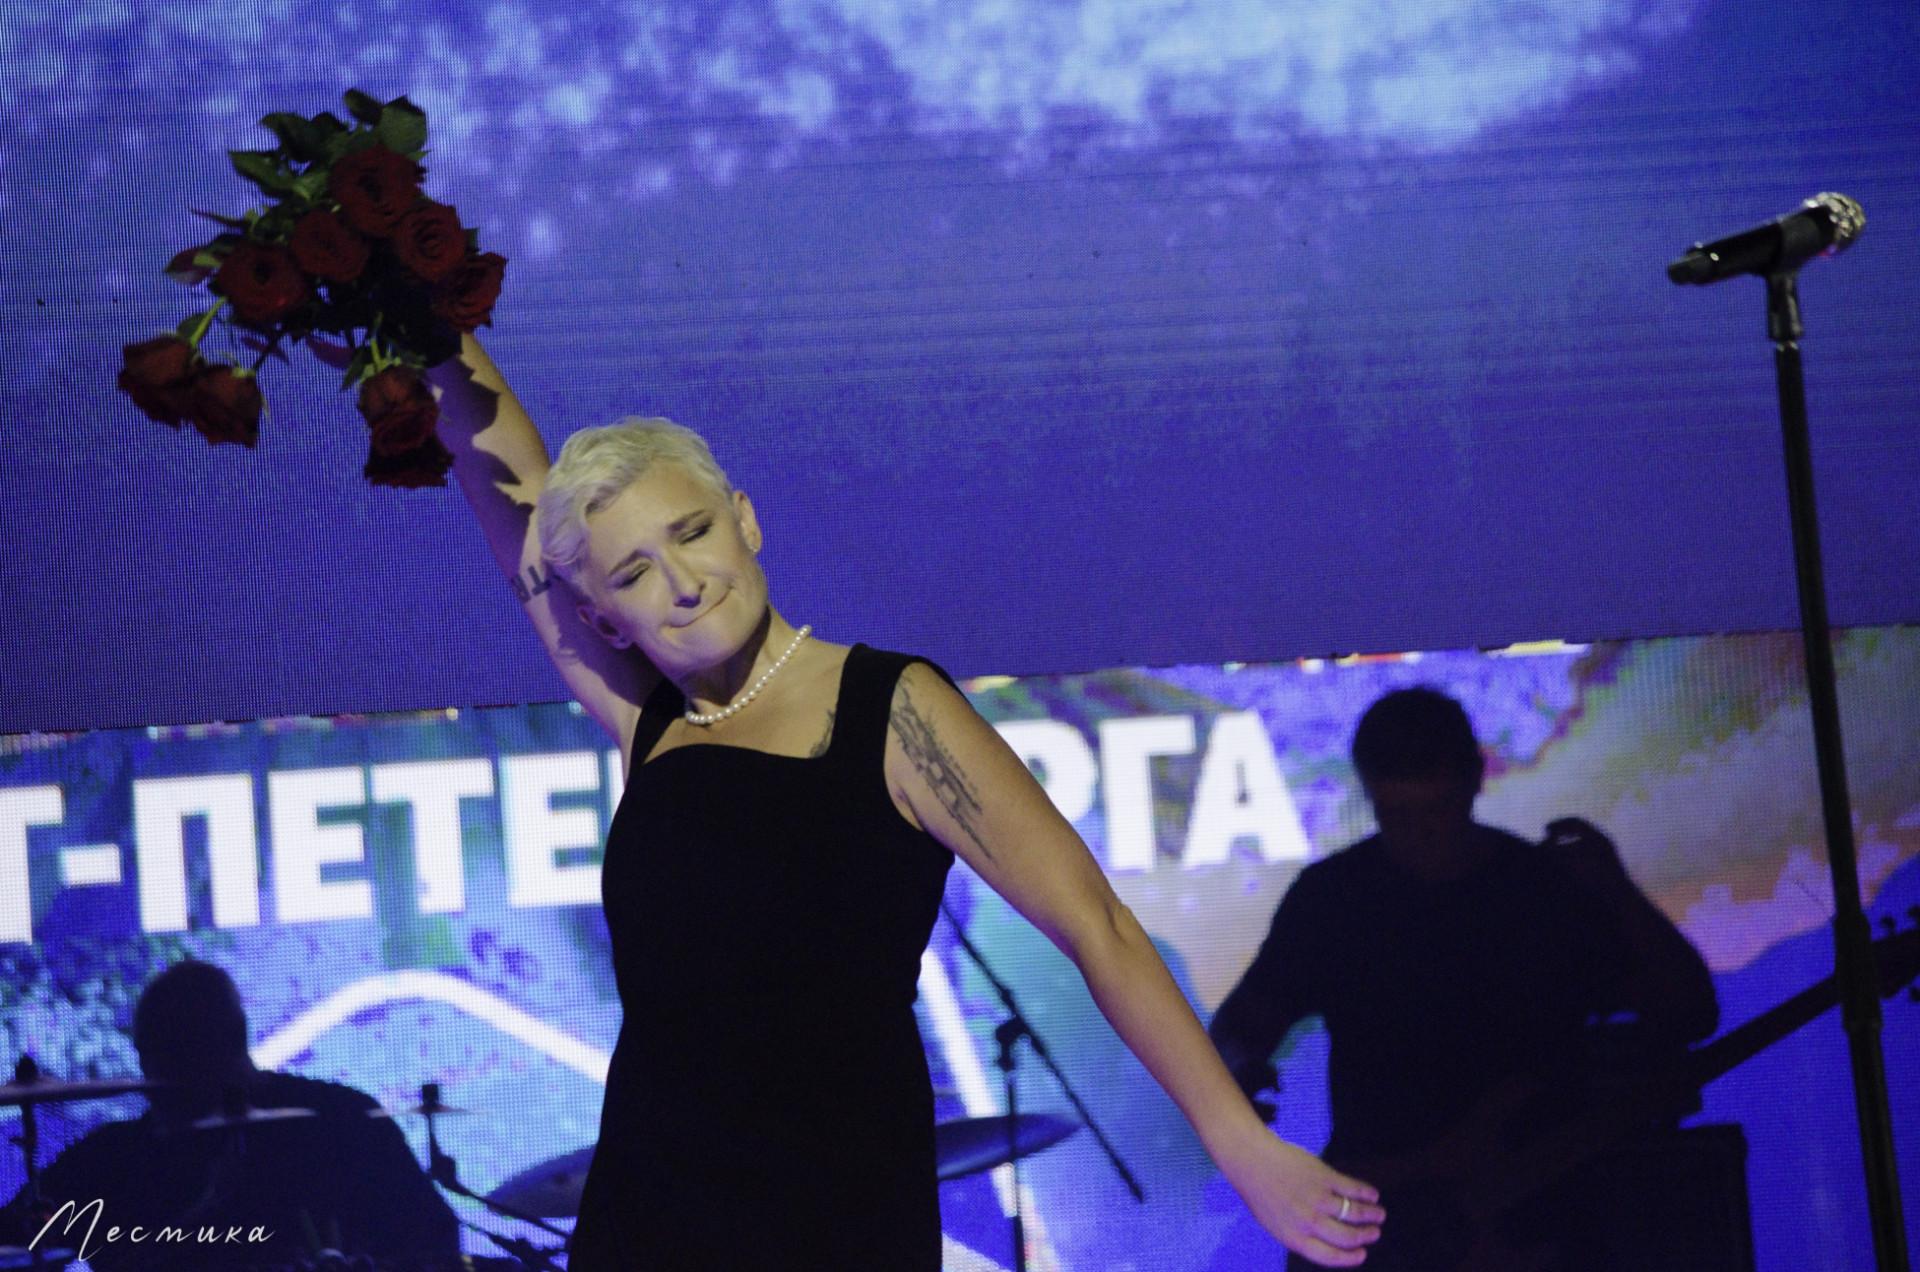 Диана Арбенина на фестивале Белые ночи Санкт-Петербурга 11.07.2021